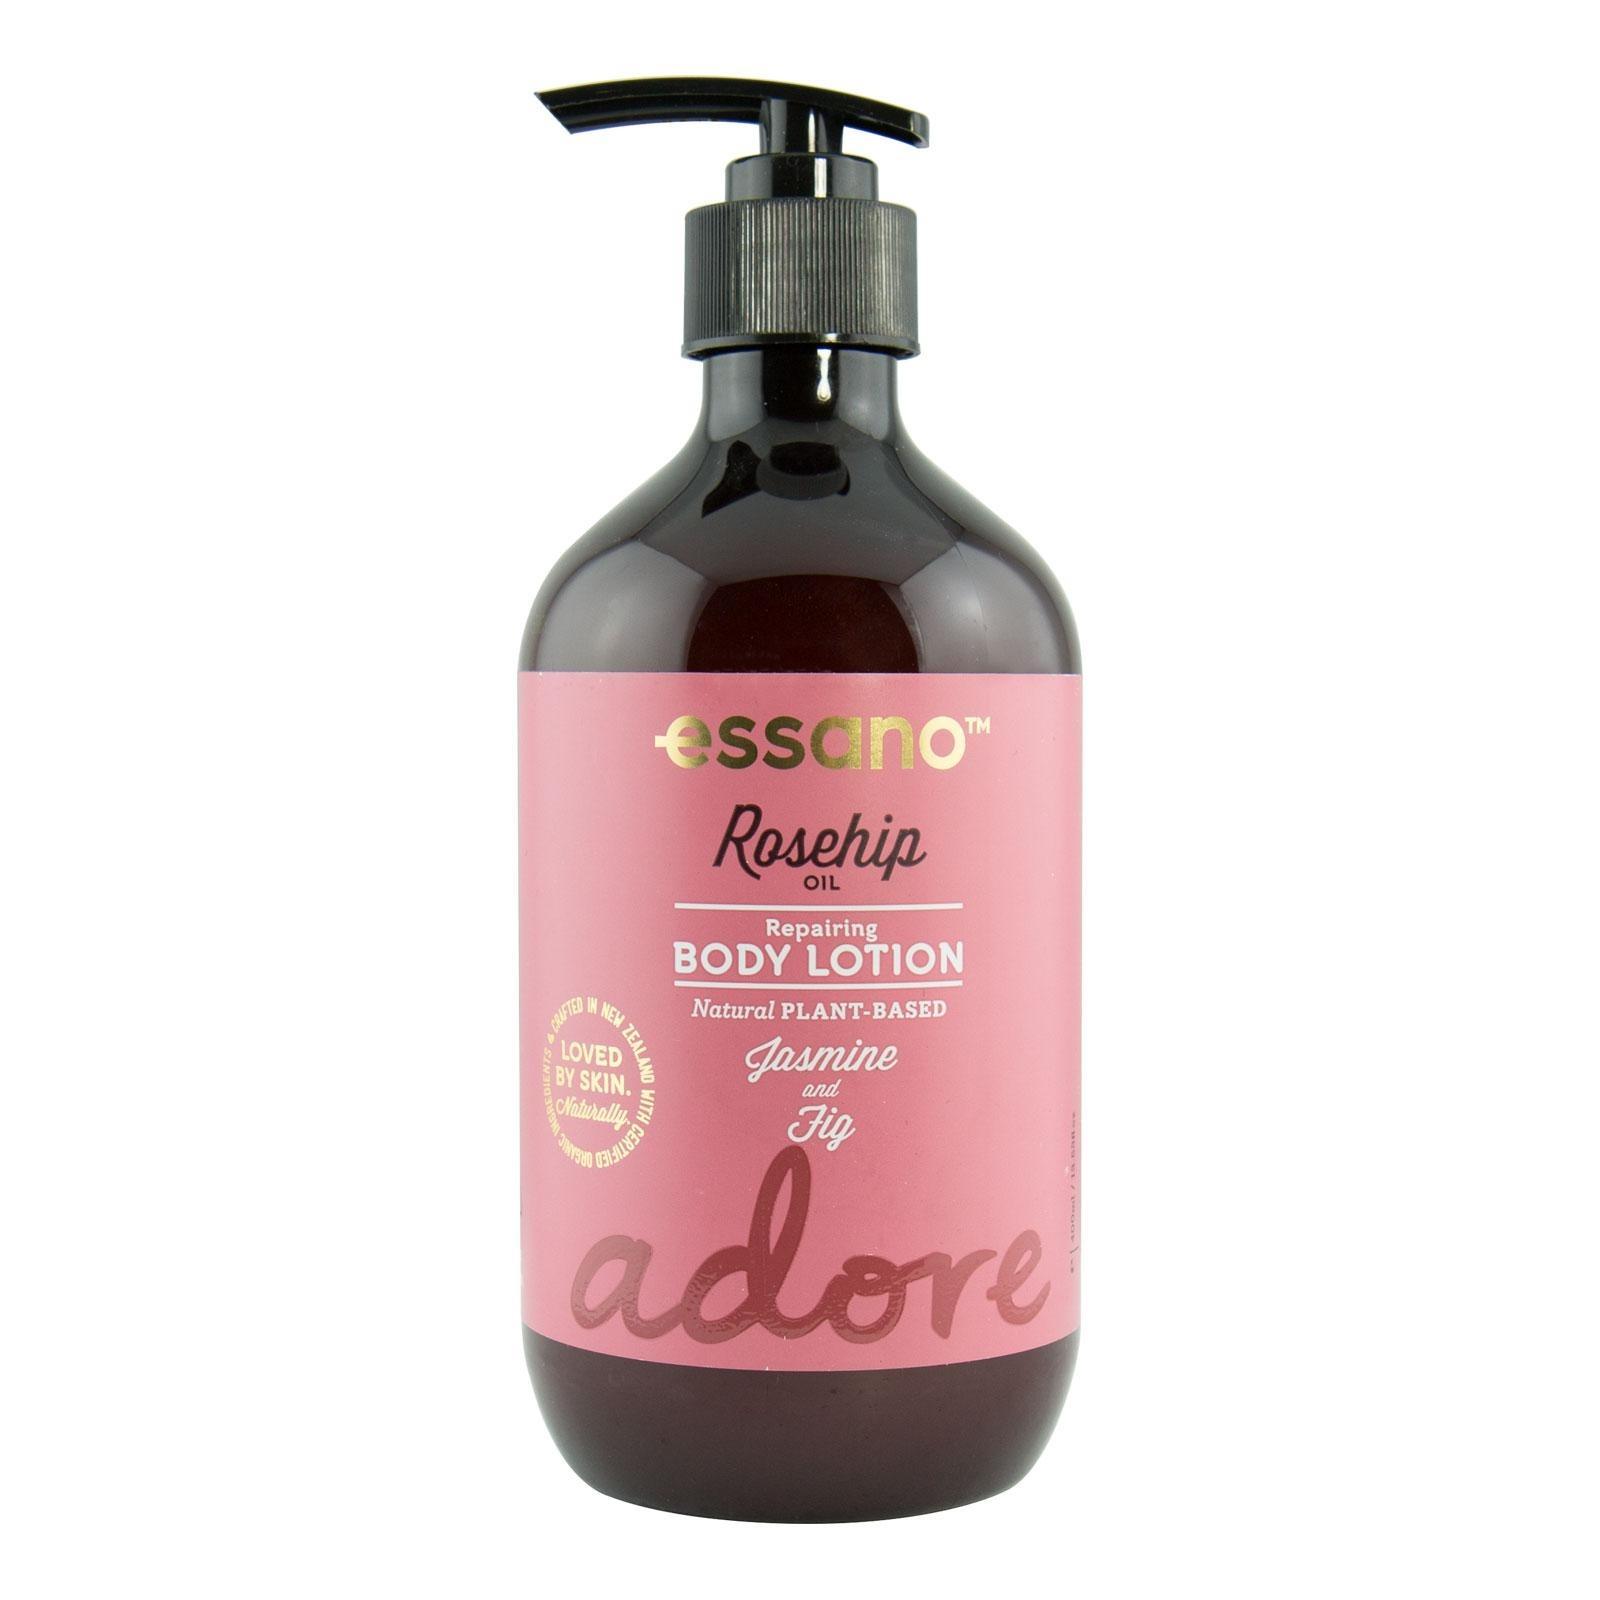 Essano Rosehip Oil Repairing Body Lotion